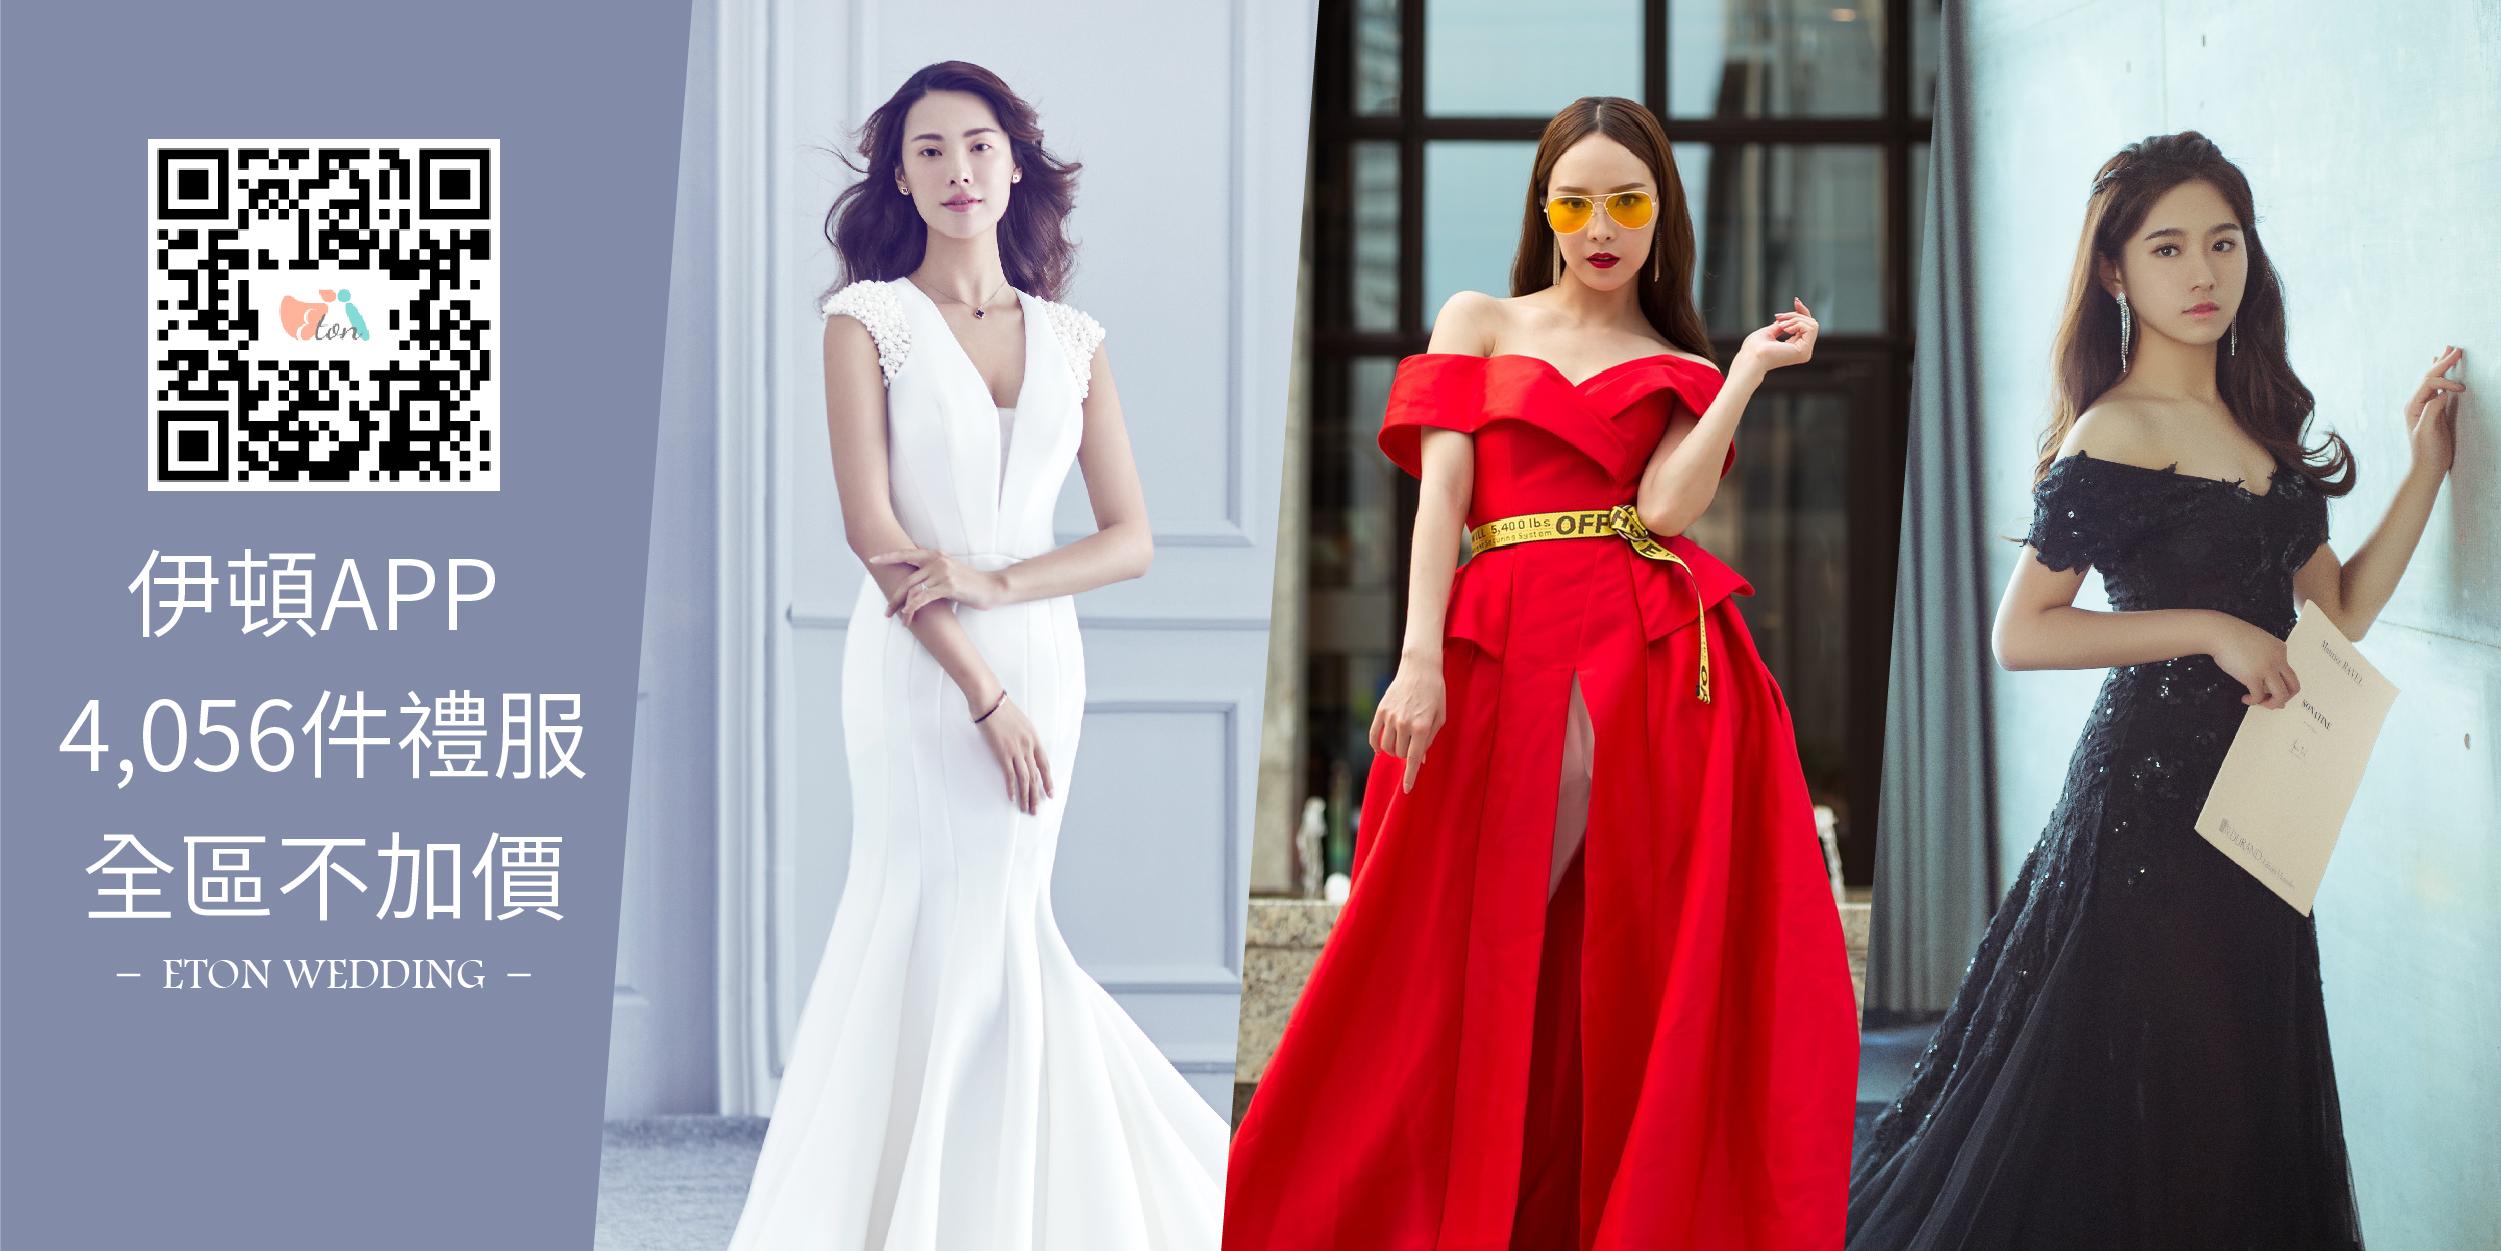 拍婚紗照,婚紗照,婚紗照攝影,婚紗照攝影 包套,婚紗照 推薦,拍婚紗照 方案